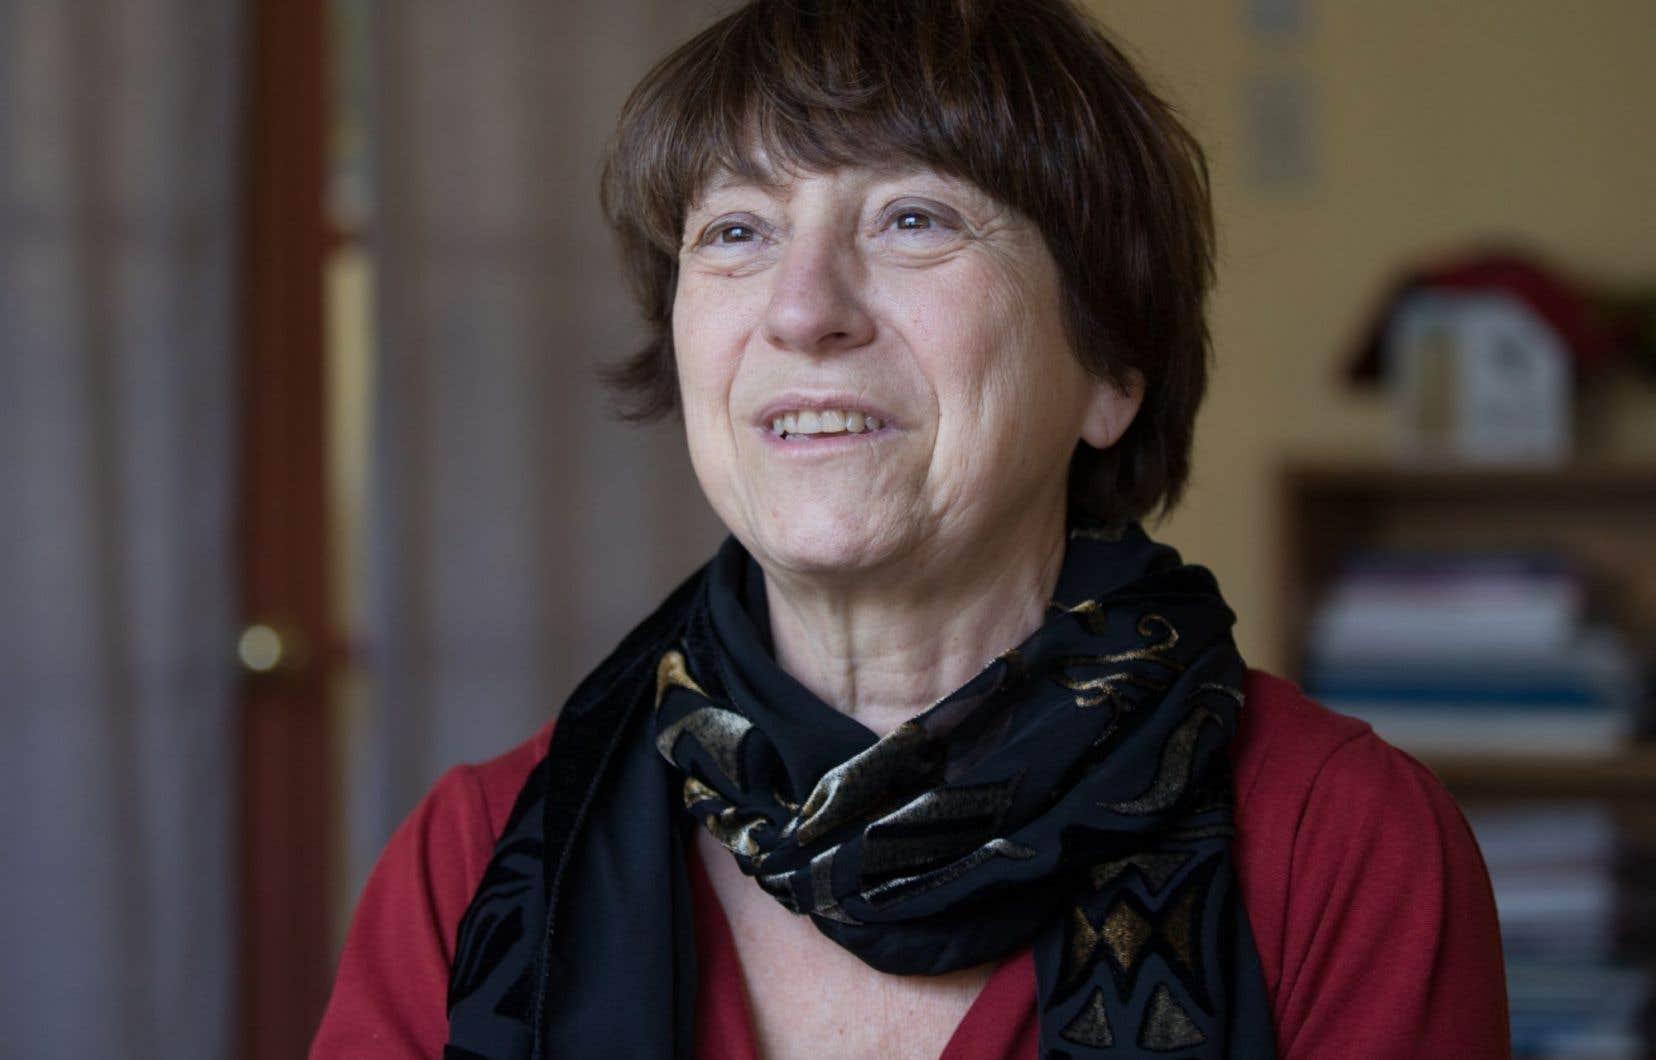 La coporte-parole de Québec solidaire, Françoise David, croit que les affinités économiques de M. Péladeau avec la Coalition avenir Québec envoient un message contradictoire.